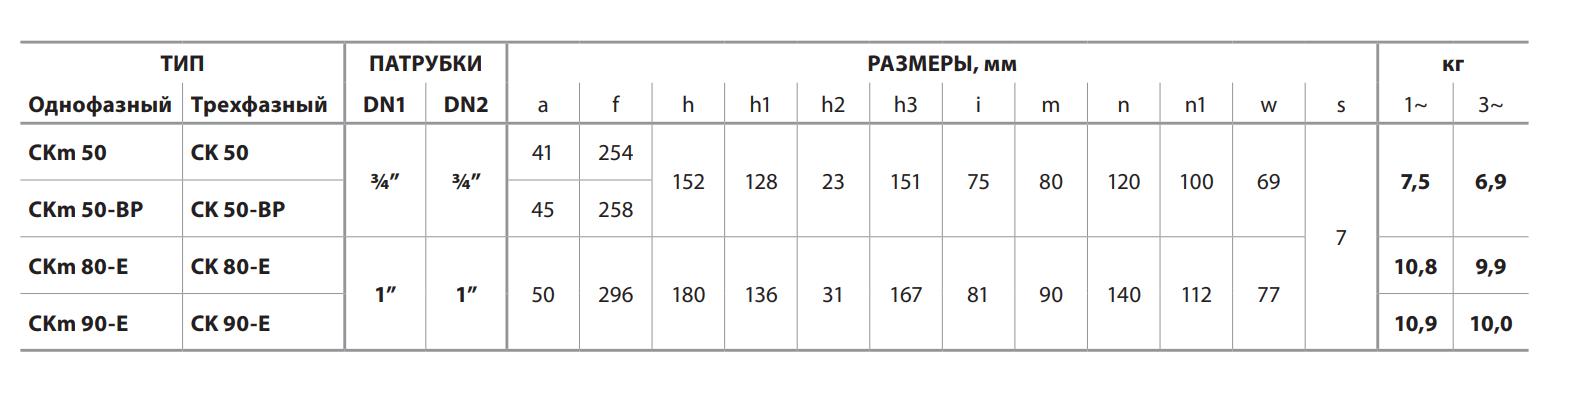 """жидкостно-кольцевой насос CKm 80-E """"Pedrollo"""""""